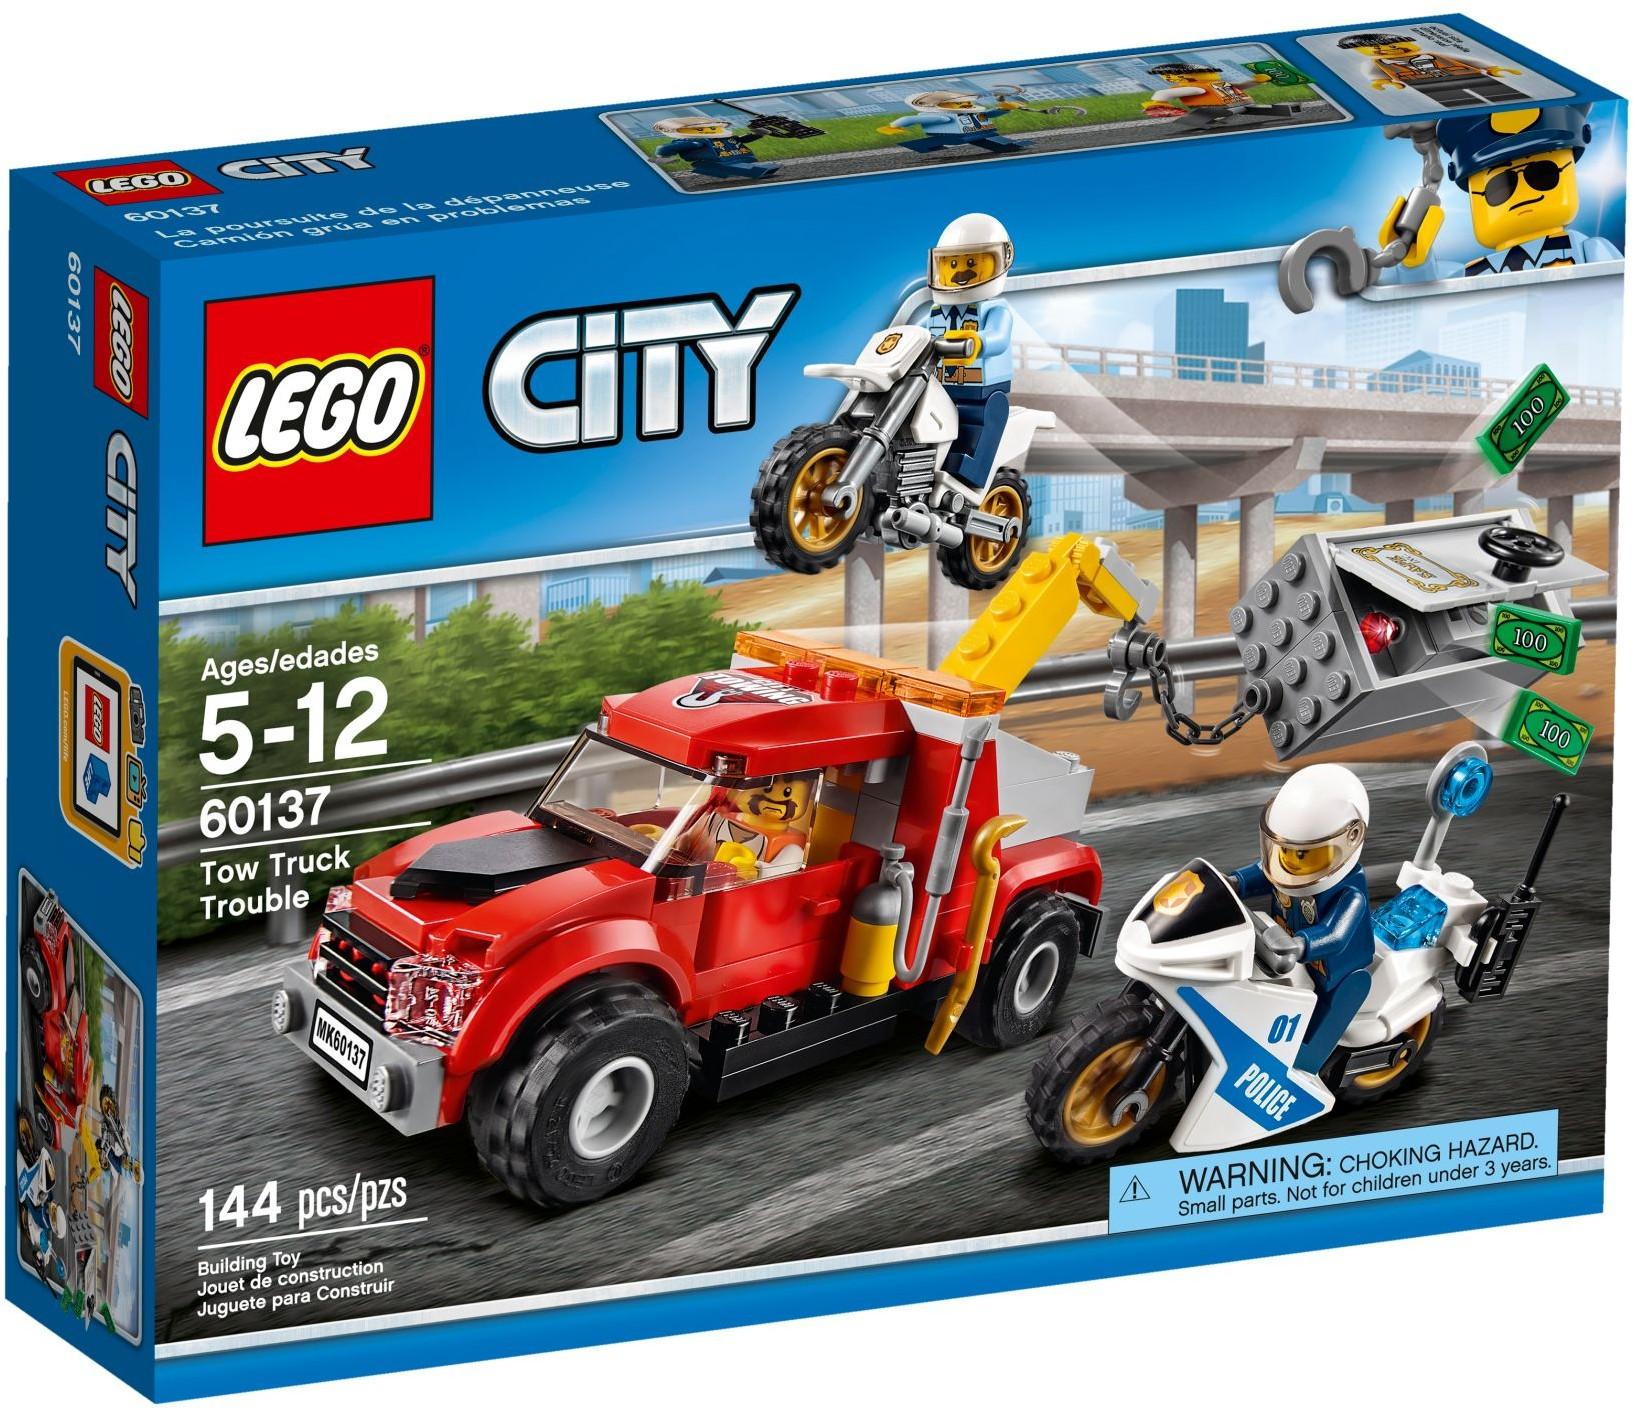 Mua đồ chơi LEGO 60137 - LEGO City 60137 - Mô tô Cảnh Sát bắt Cướp (LEGO City Police Tow Truck Trouble 60137)